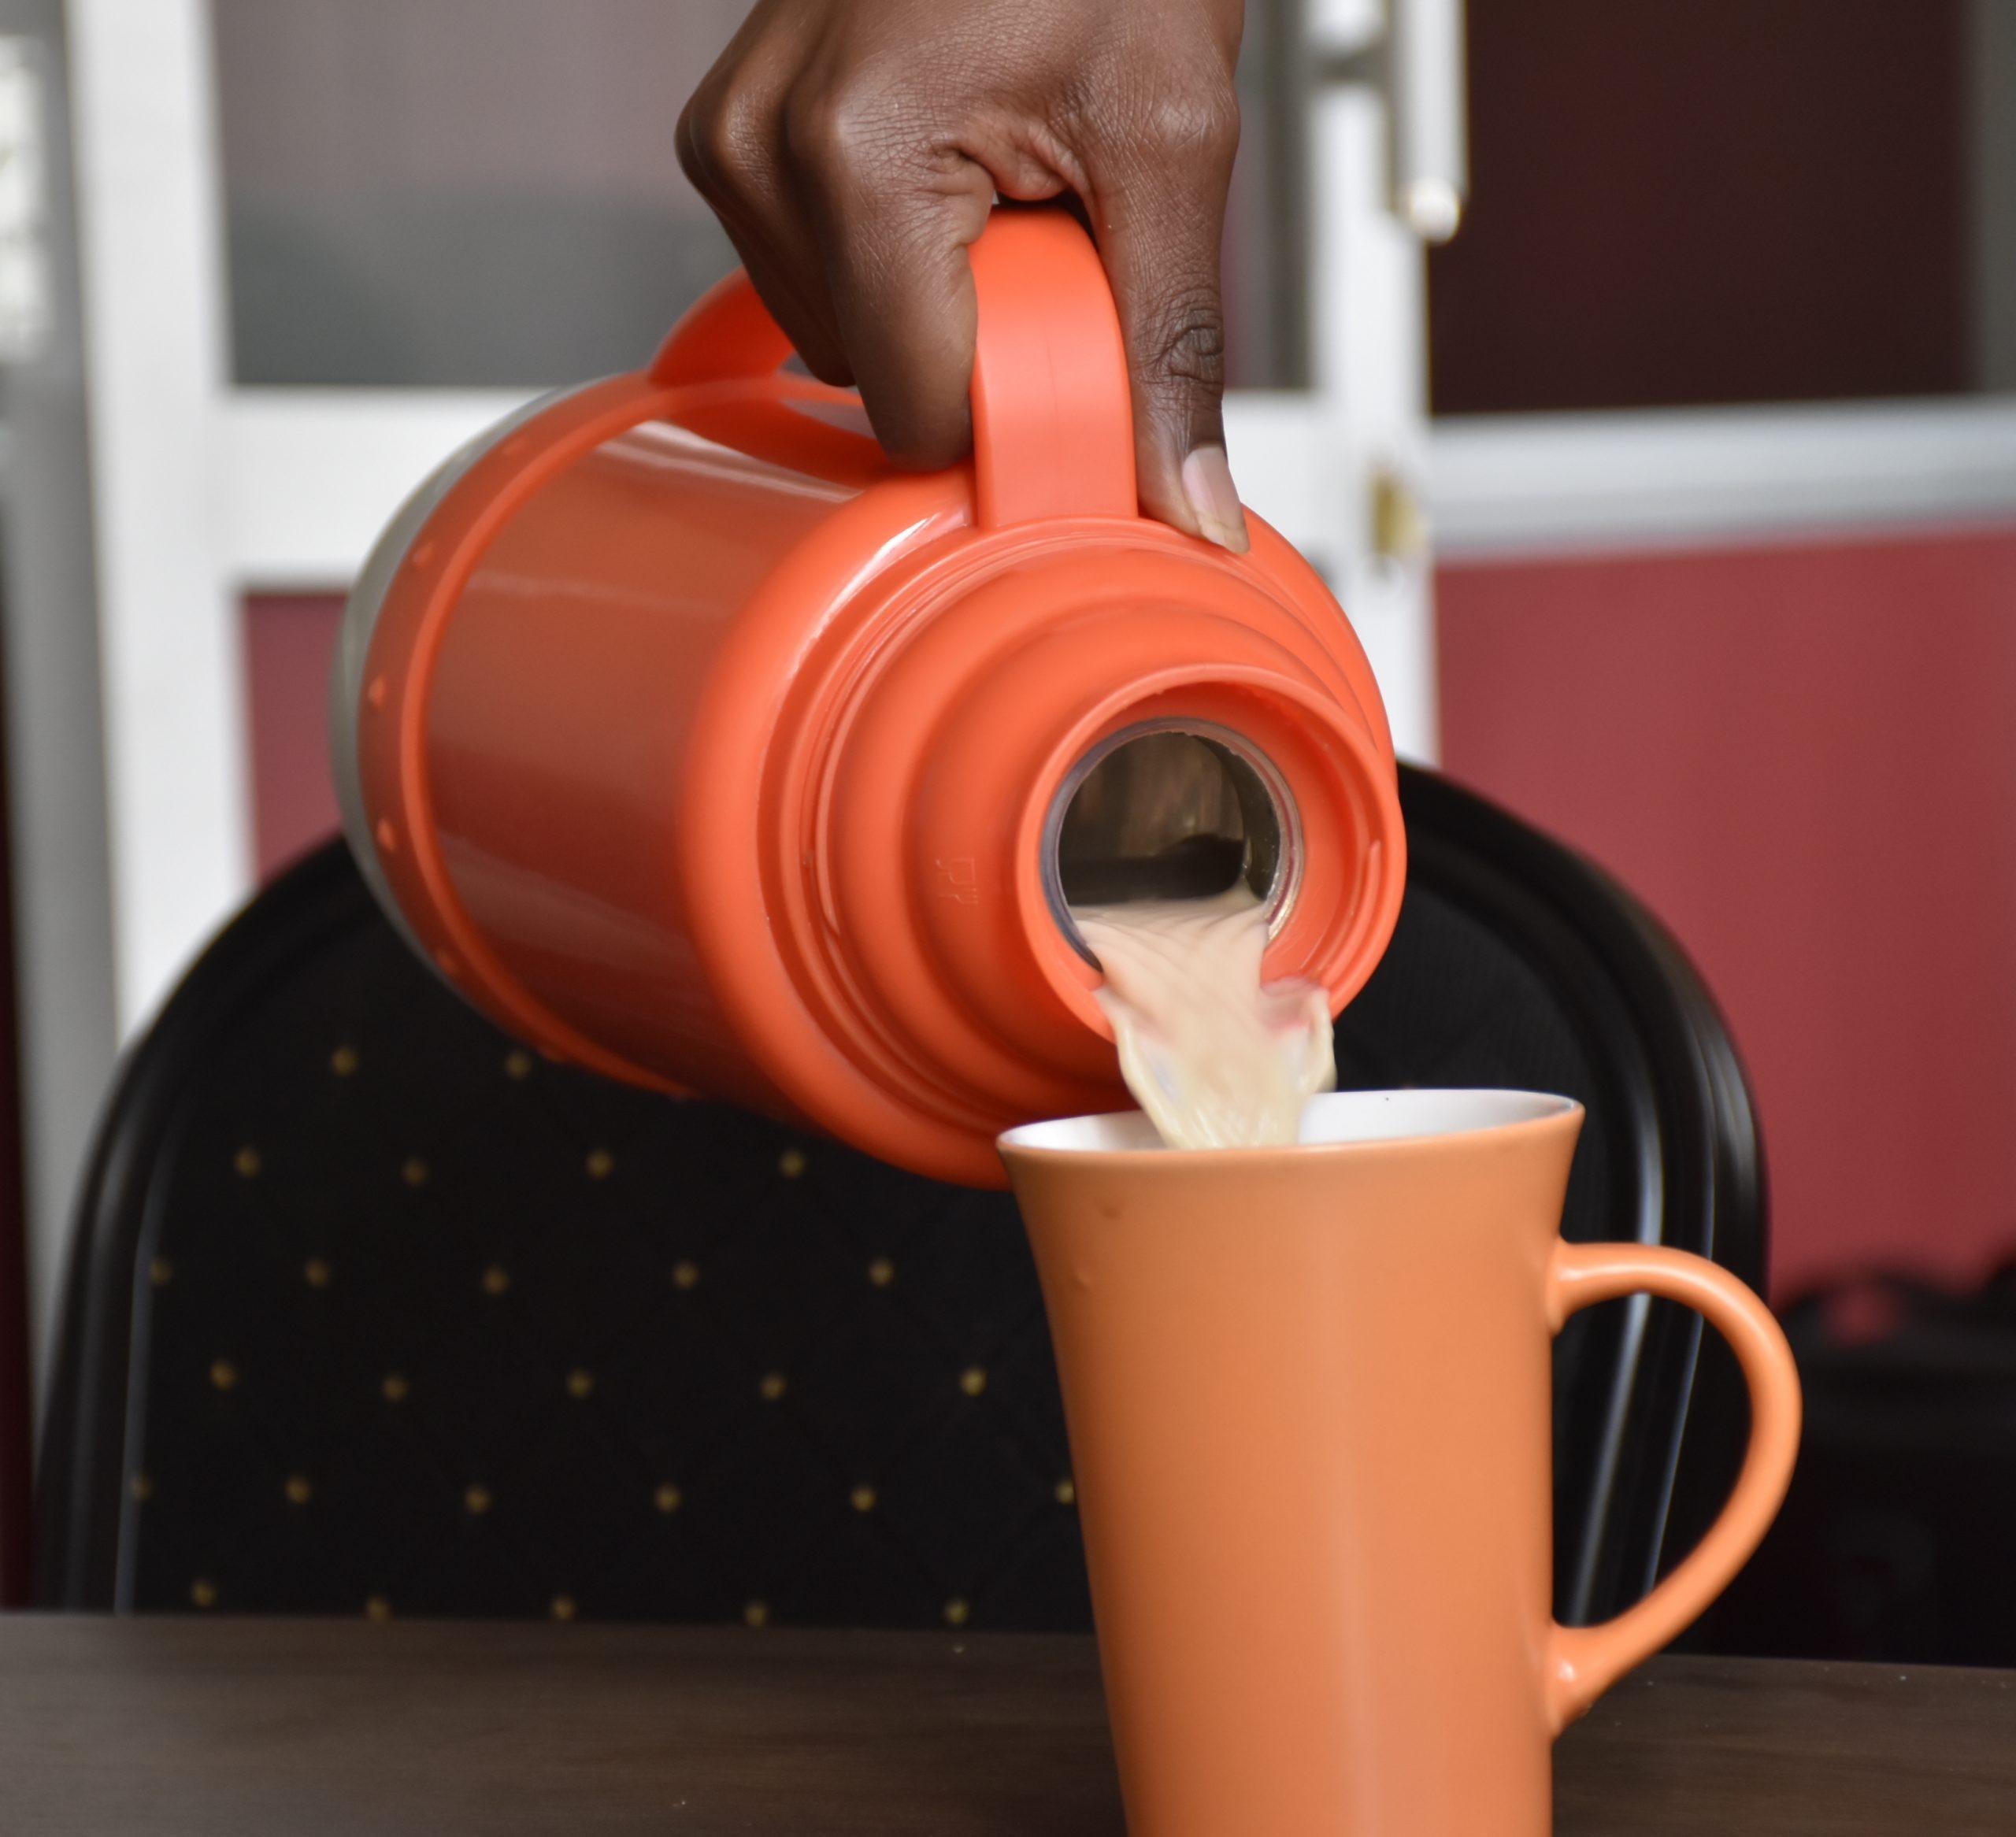 Tea being poured into a mug www.businesstoday.co.ke